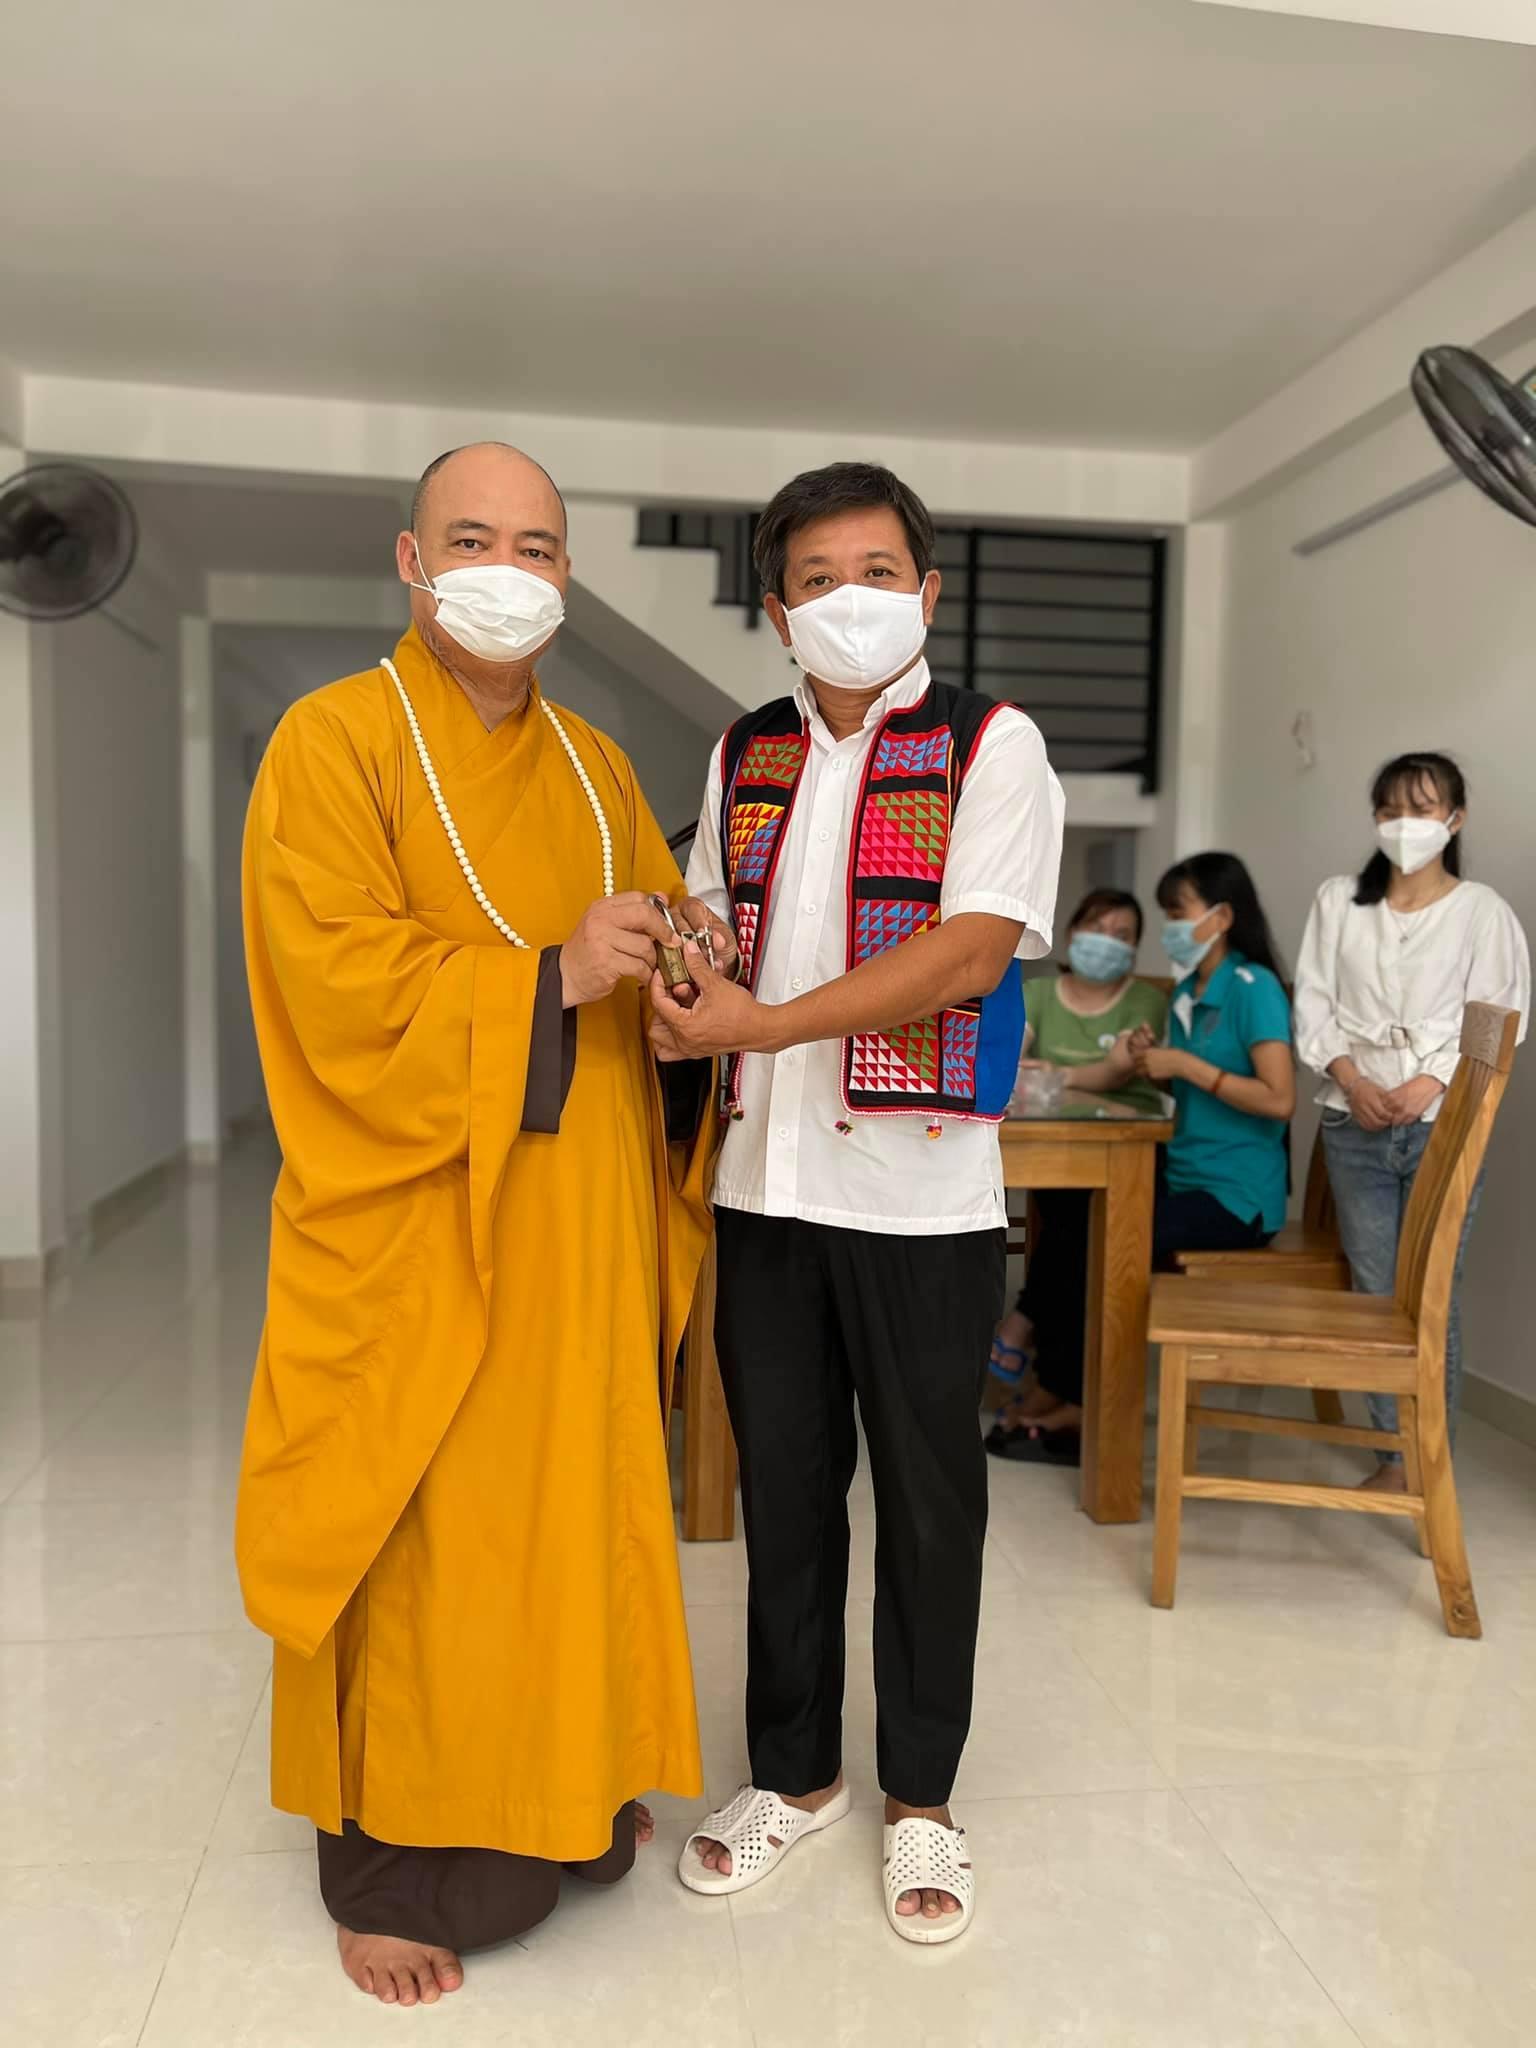 Ông Đoàn Ngọc Hải hiến tặng căn nhà 4 tầng để cưu mang người mù vô gia cư - Ảnh 1.